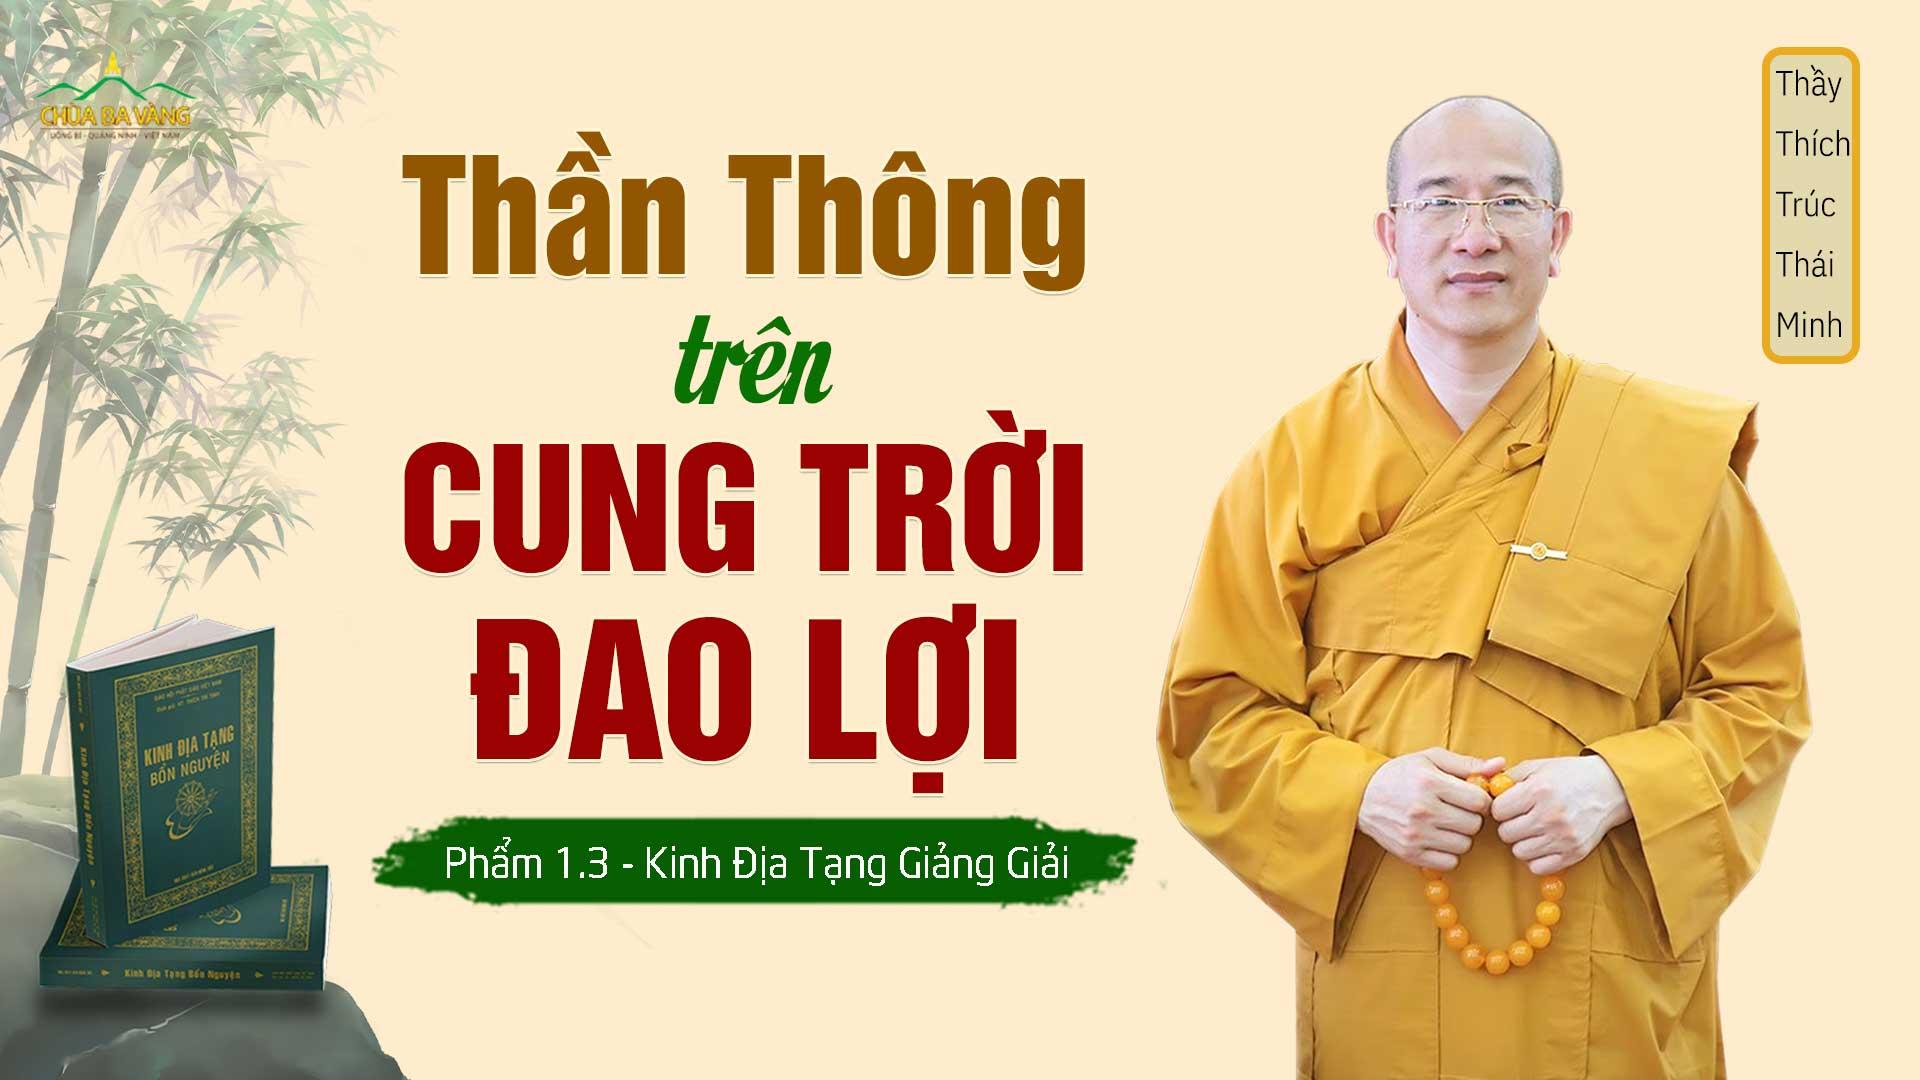 Thần thông trên cung trời Đao Lợi - Kinh Địa Tạng Bồ Tát Bổn Nguyện phẩm thứ nhất phần 3